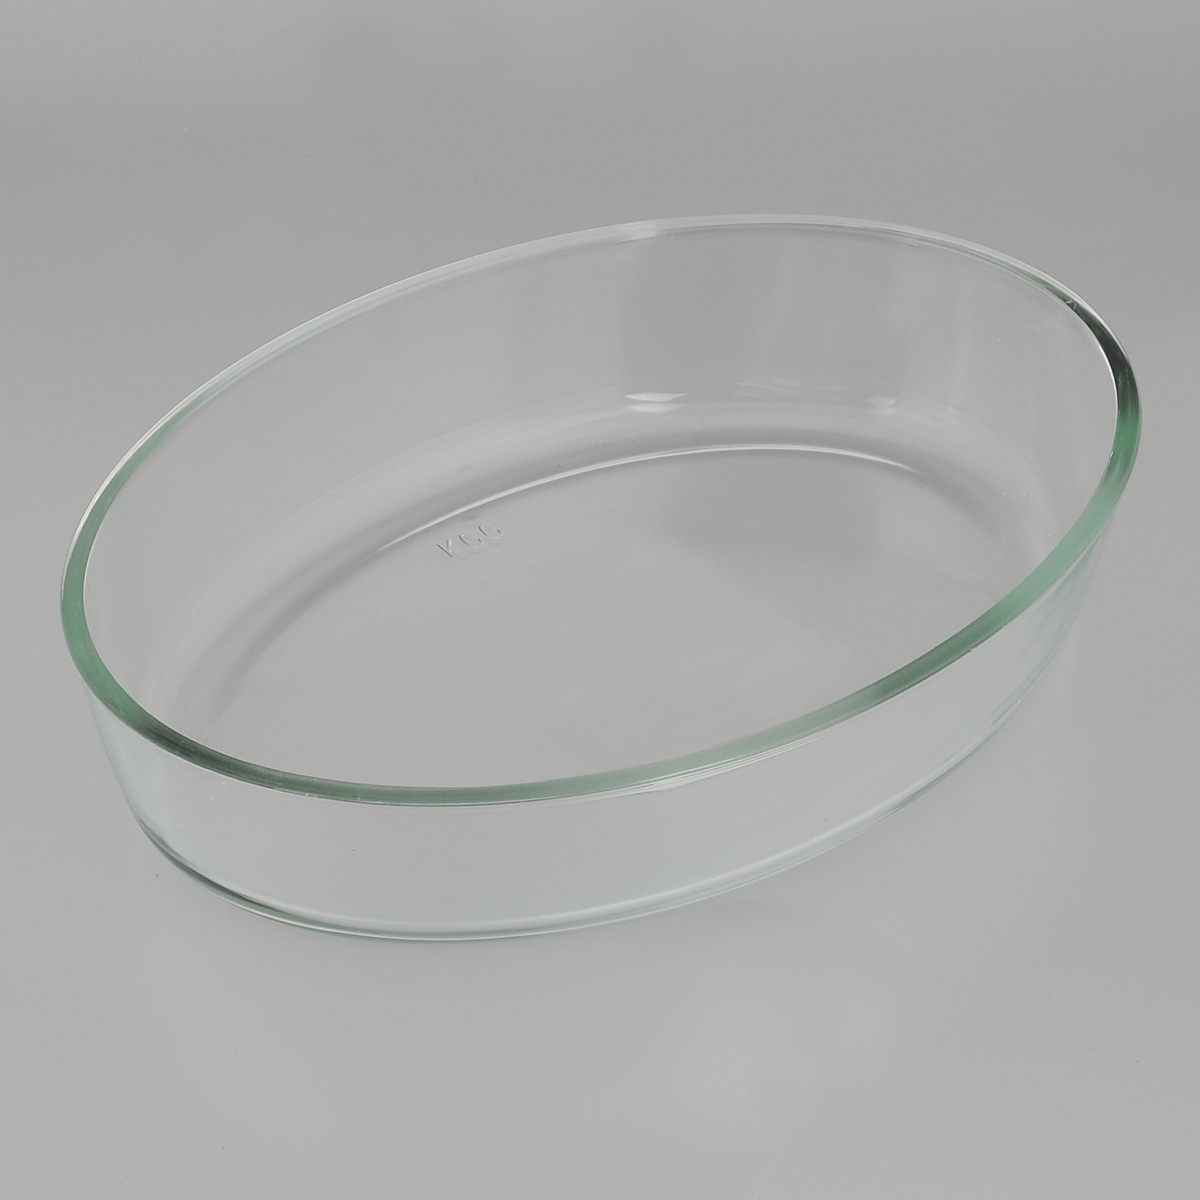 Форма для запекания Едим Дома, овальная, 26 см х 18 смPV12Овальная форма для запекания Едим Дома изготовлена из жаропрочного стекла, которое выдерживает температуру до +450°С. Форма предназначена для приготовления горячих блюд. Материал изделия гигиеничен, прост в уходе и обладает высокой степенью прочности. Форма идеально подходит для использования в духовках, микроволновых печах, холодильниках и морозильных камерах. Также ее можно использовать на газовых плитах (на слабом огне) и на электроплитах. Можно мыть в посудомоечной машине.Размер формы (по верхнему краю): 26 см х 18 см.Высота стенки формы: 6 см.